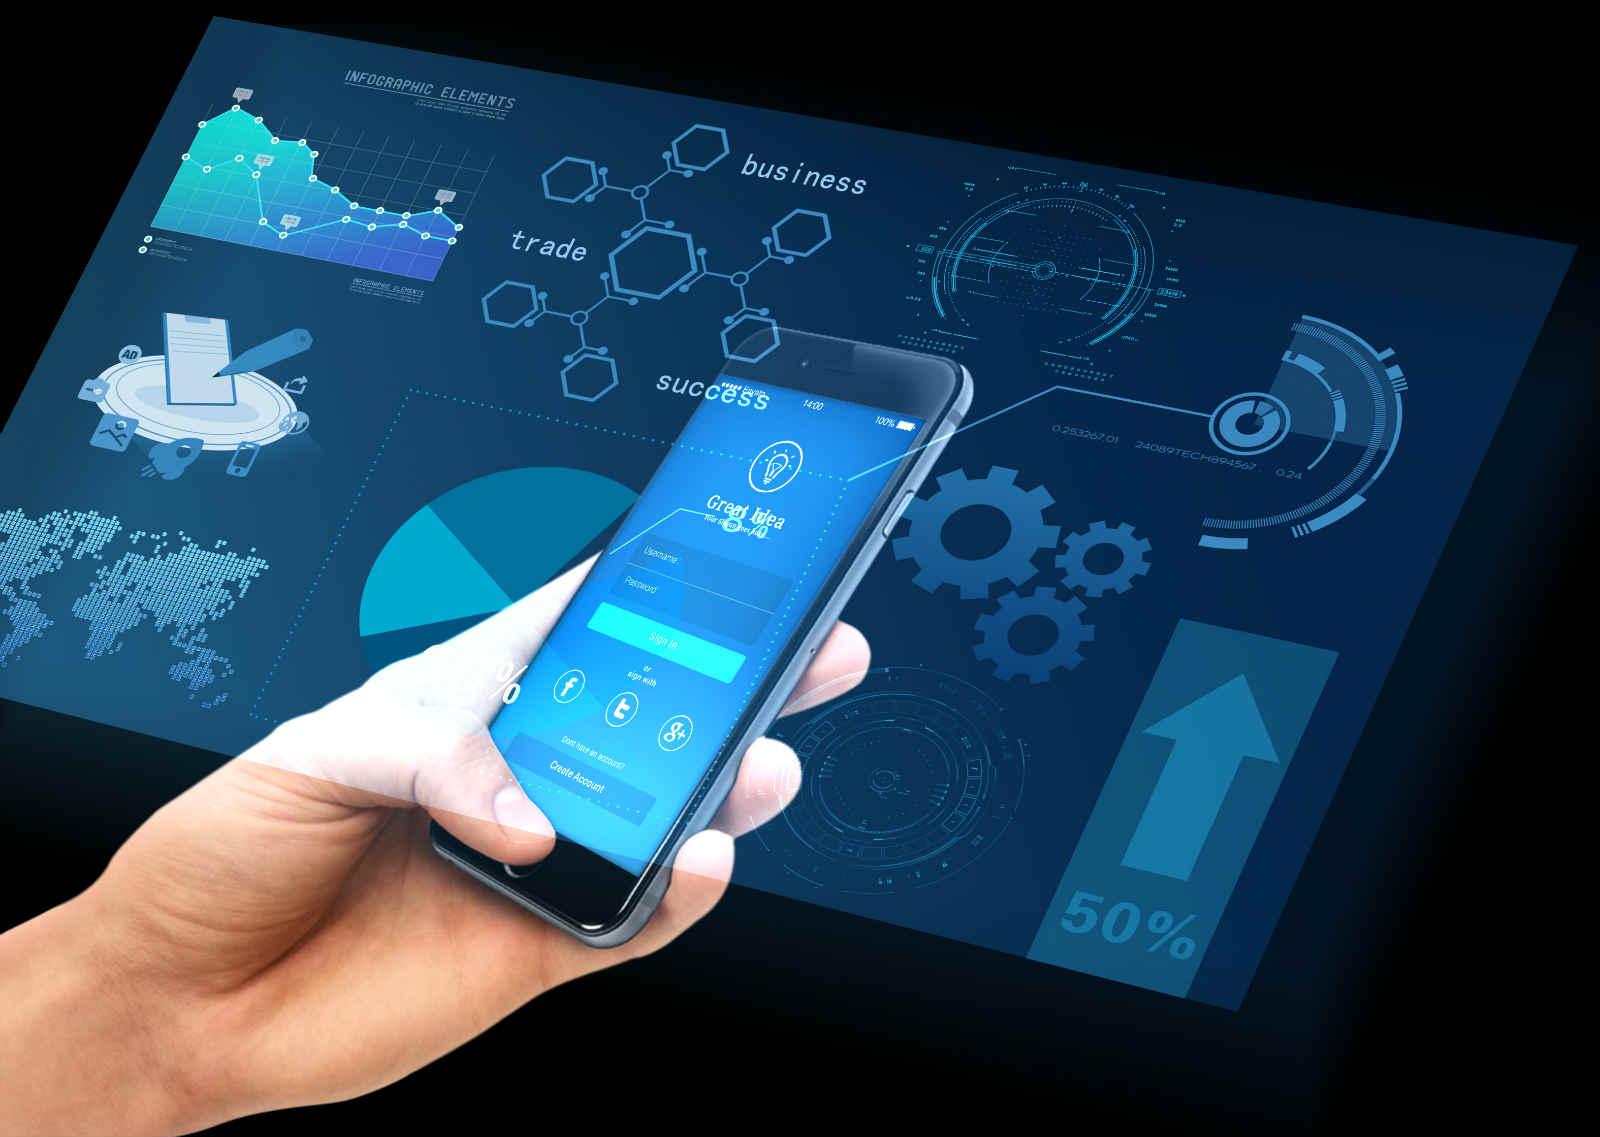 对接40家手机厂商,专注智慧短信的小源科技如何实现爆发式增长? | 爱分析访谈